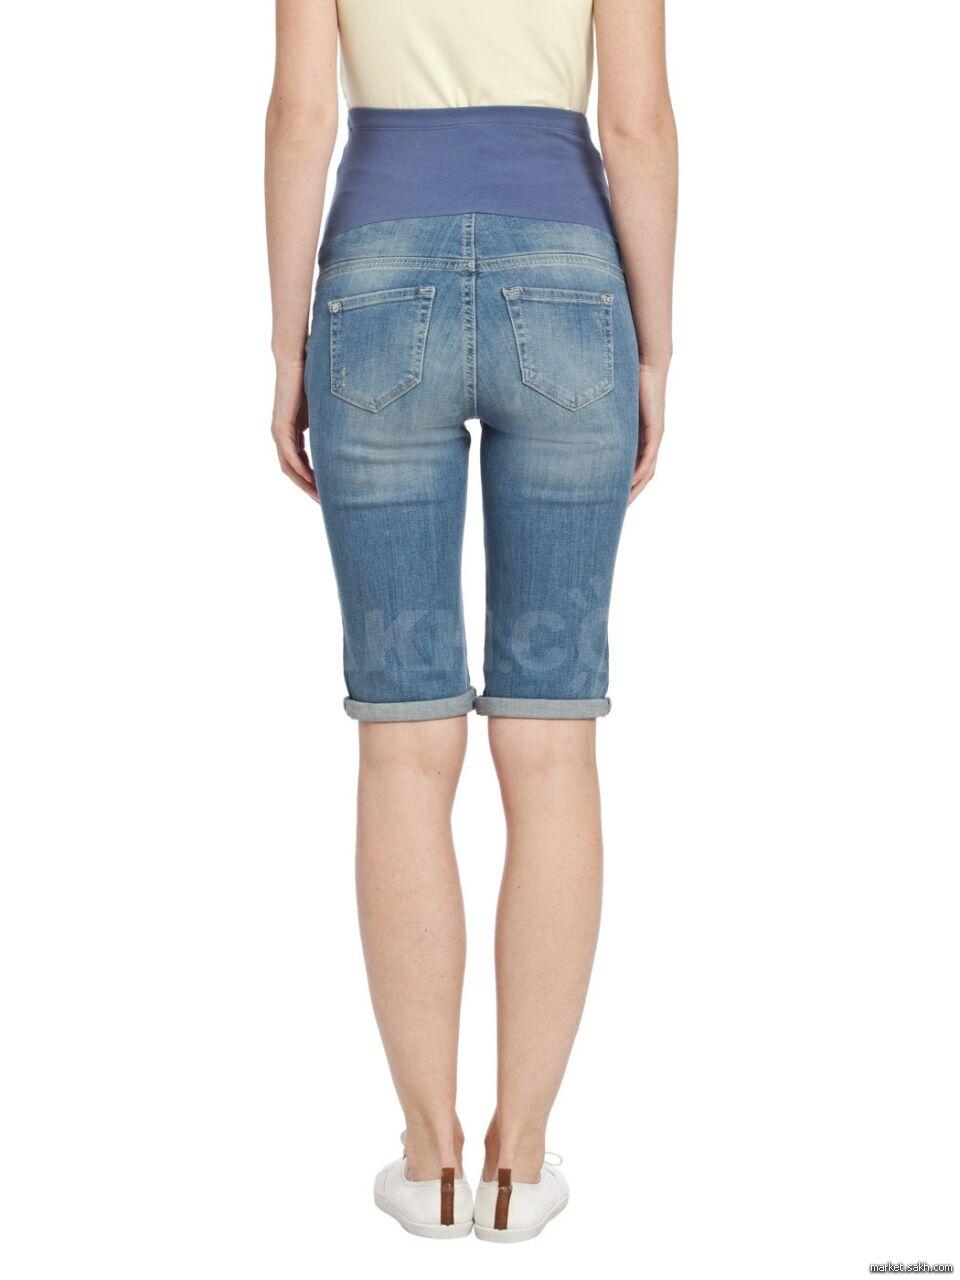 Большой ассортимент одежды для беременных - футболки. туники, леггинсы,  брюки, джинсы, комбинезоны, юбки, платья. Все на странице (ссылка